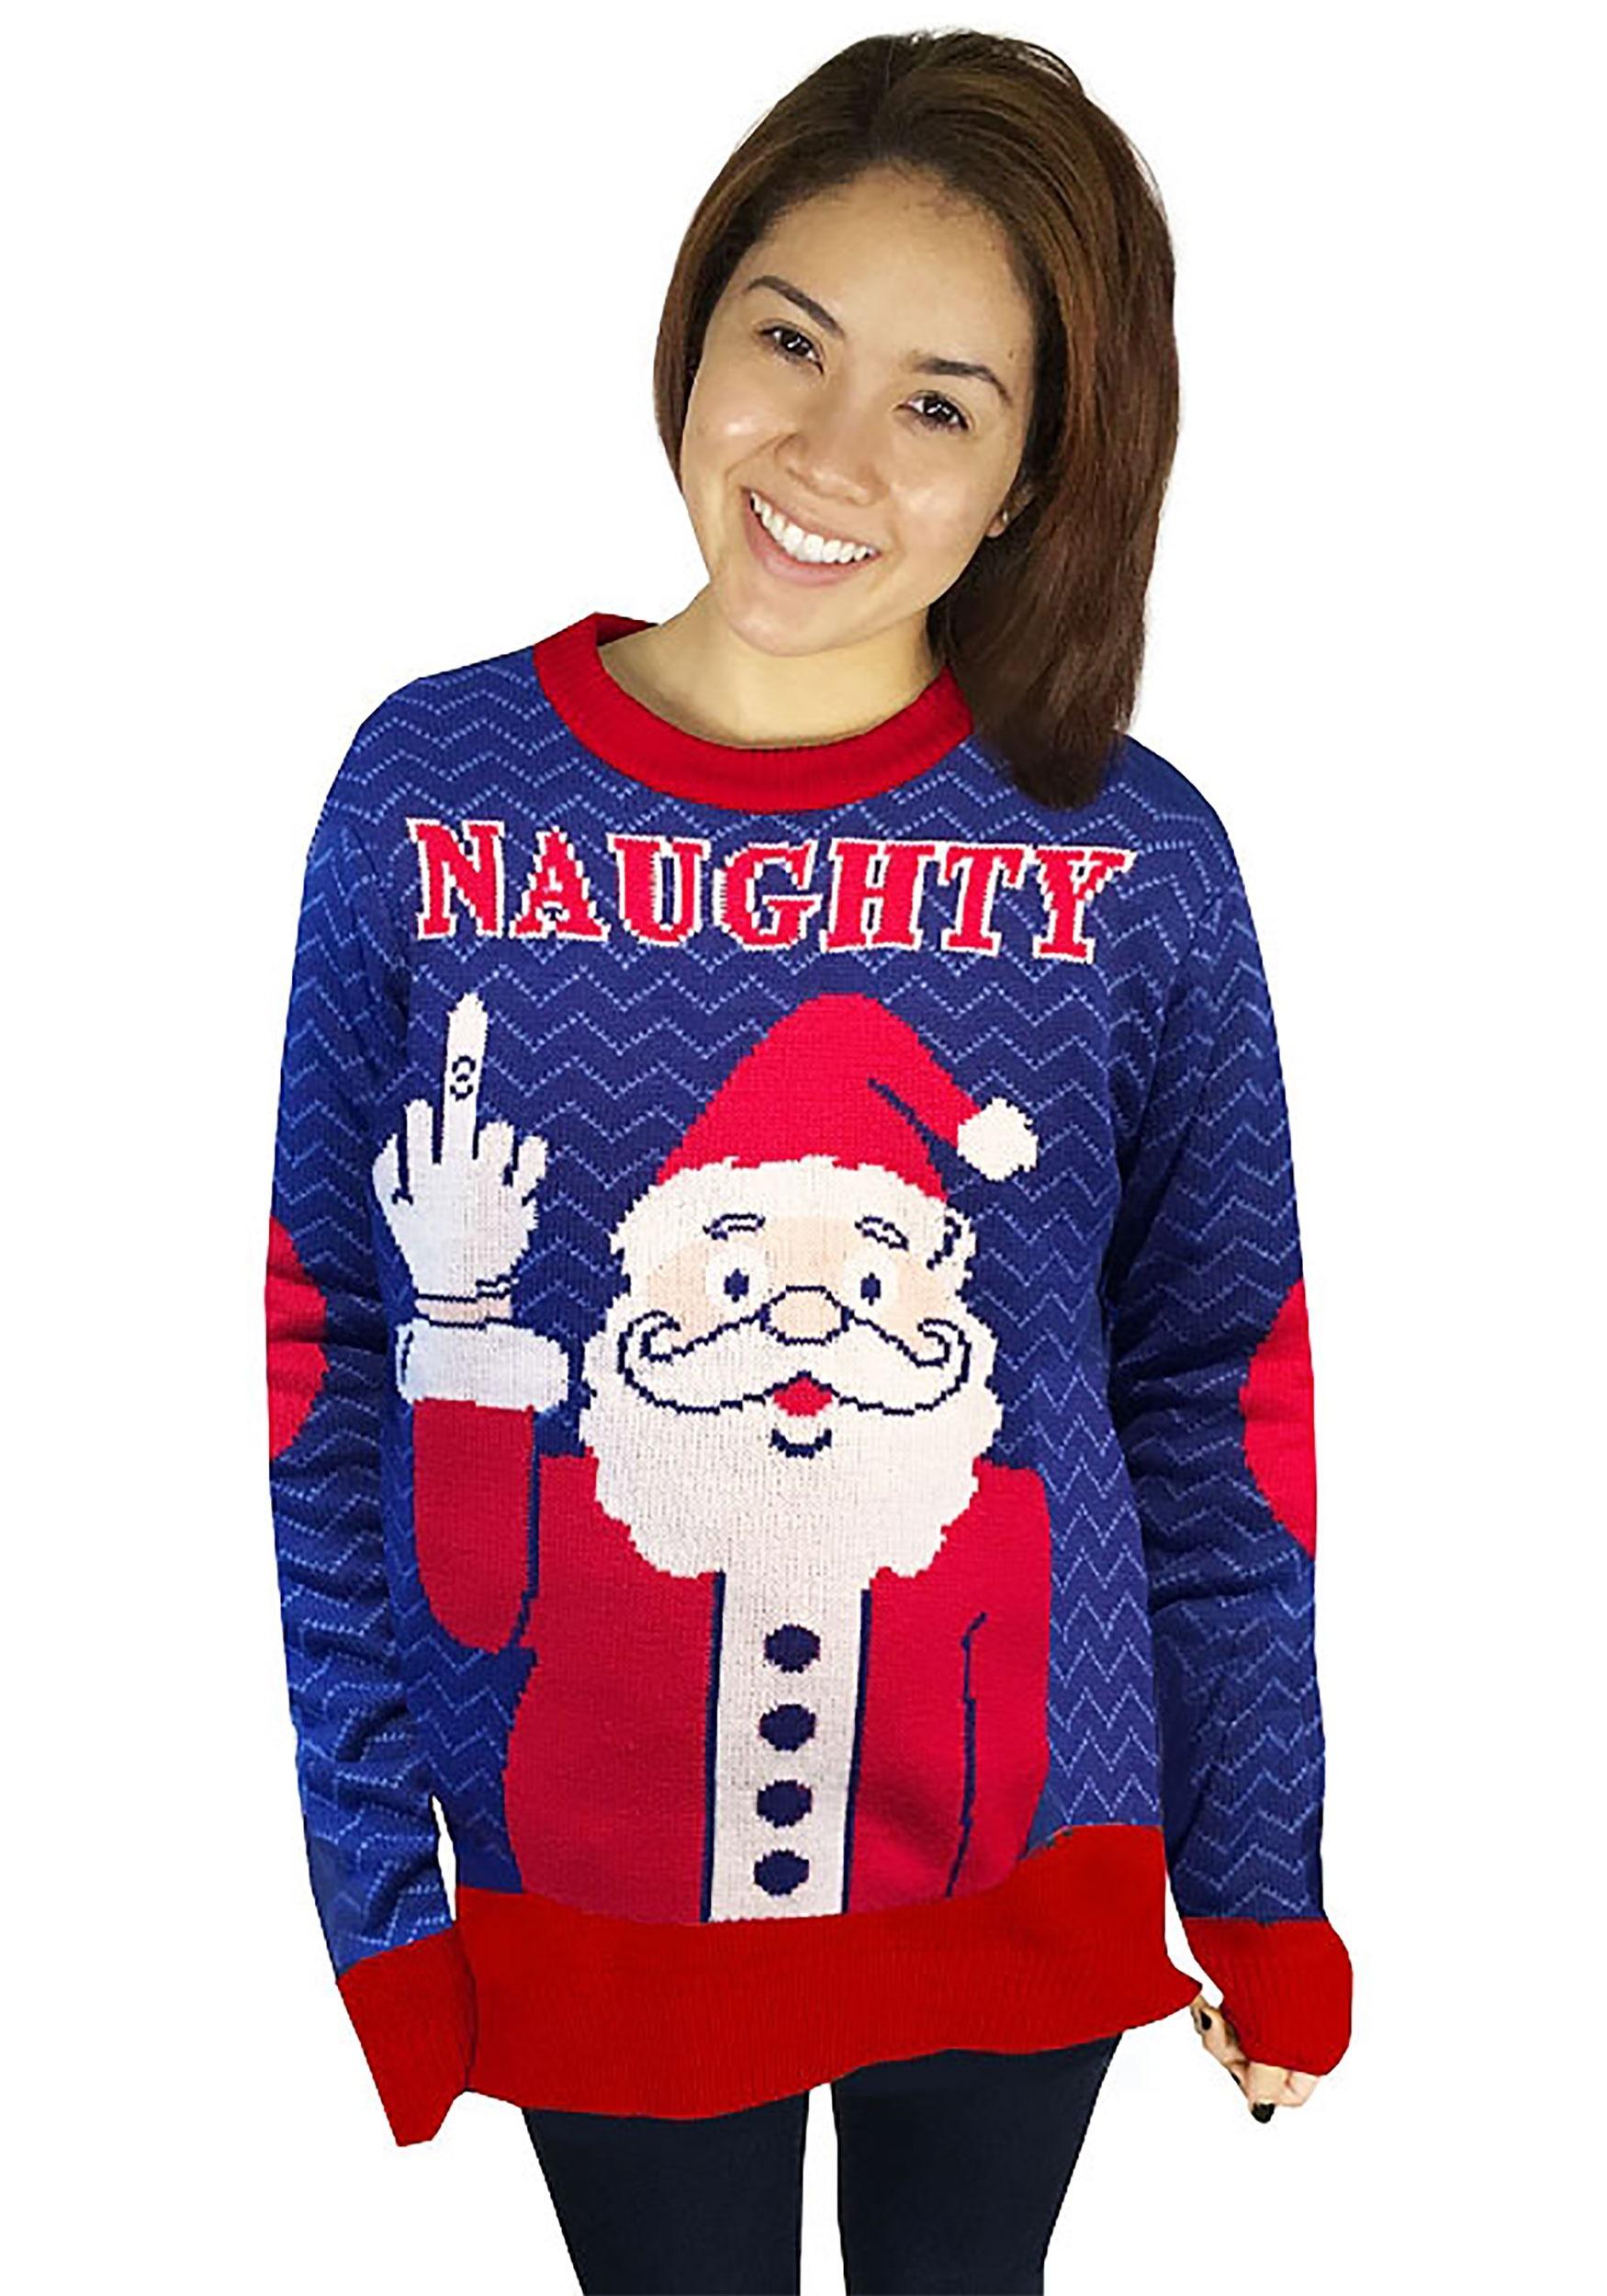 naughty santa ugly christmas sweater adult update1 - Adult Ugly Christmas Sweater